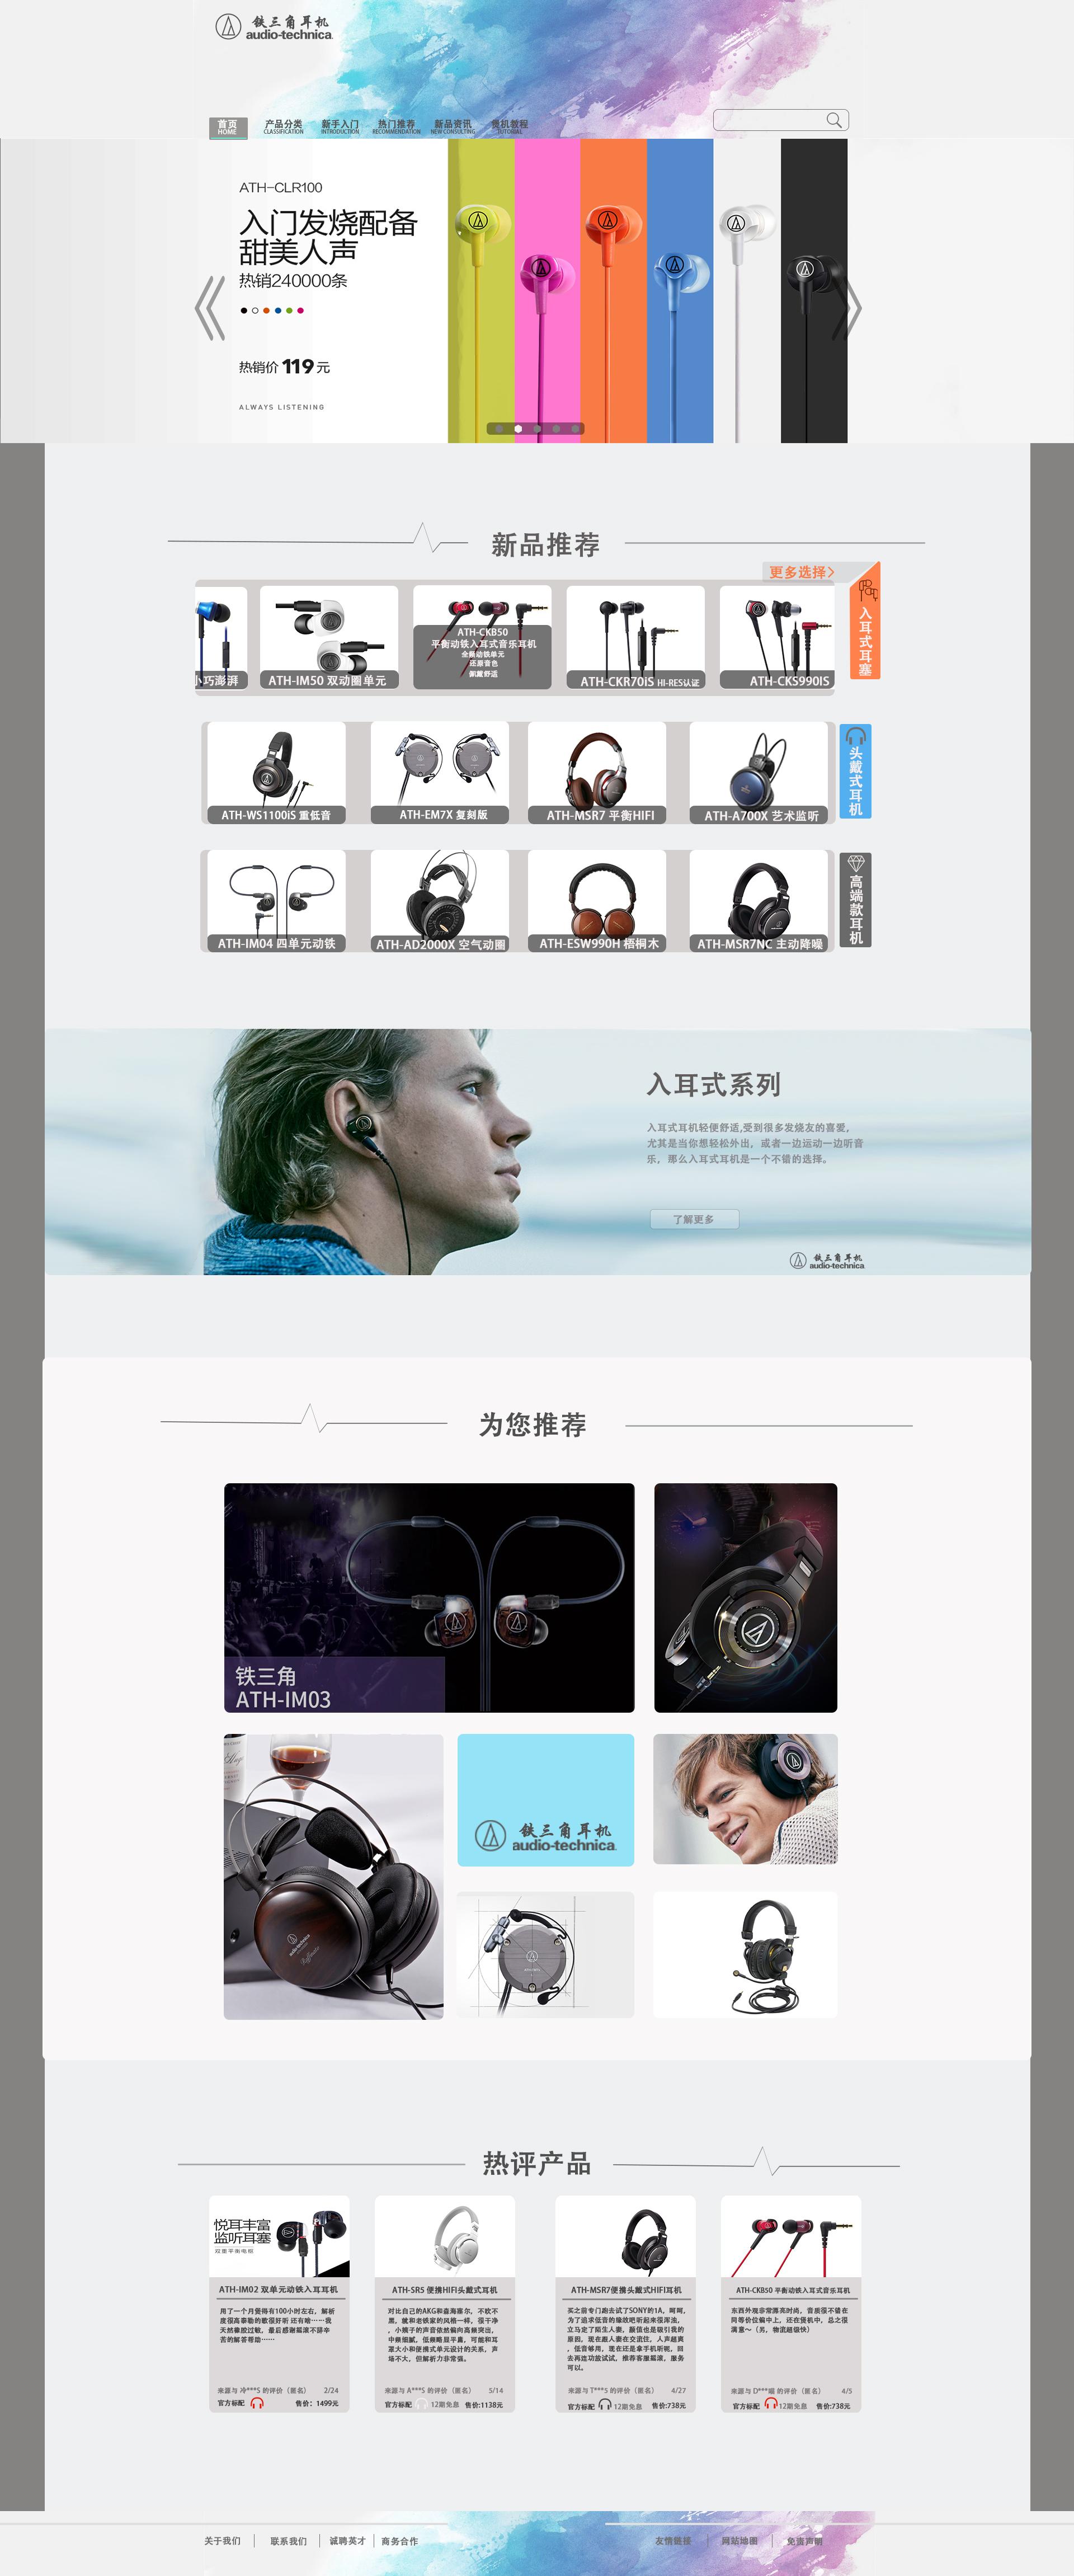 淘宝首页 宝贝描述产品图片设计 排版详情页设计模版定制店铺装修图片